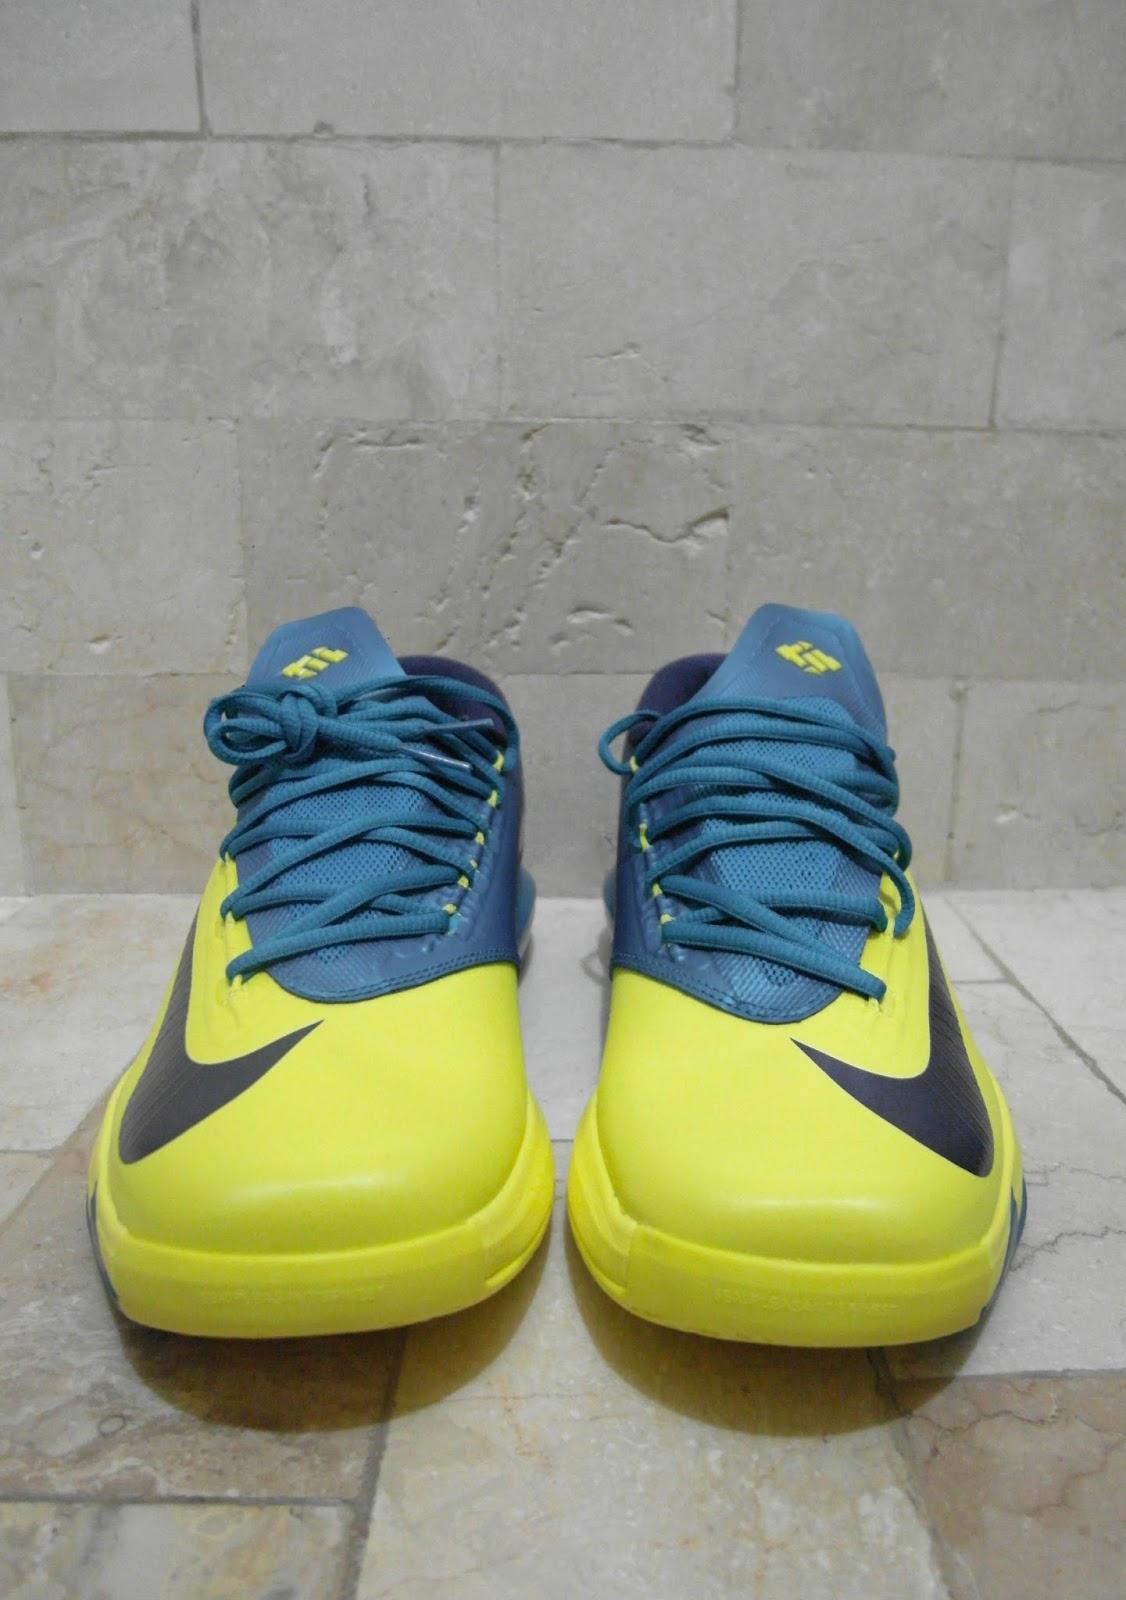 Nike Zoom Kd Iii Basketball Shoes